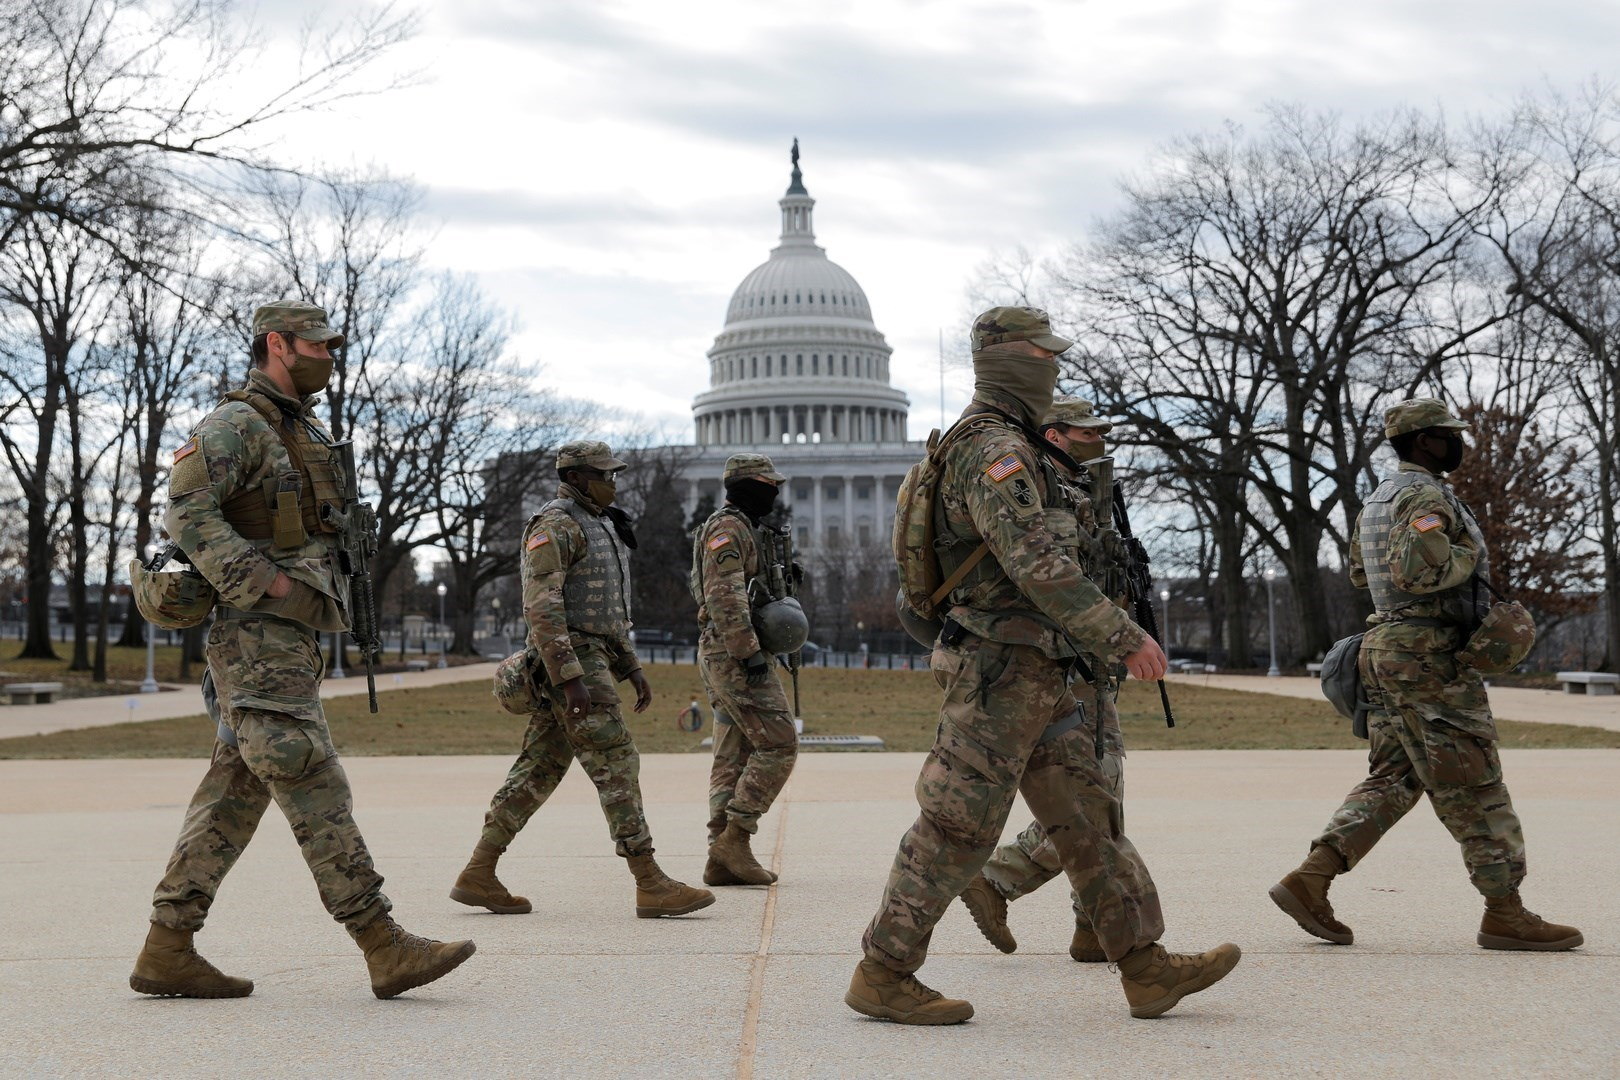 واشنطن لا تزال قلقة من احتمال حدوث مزيد من أعمال العنف